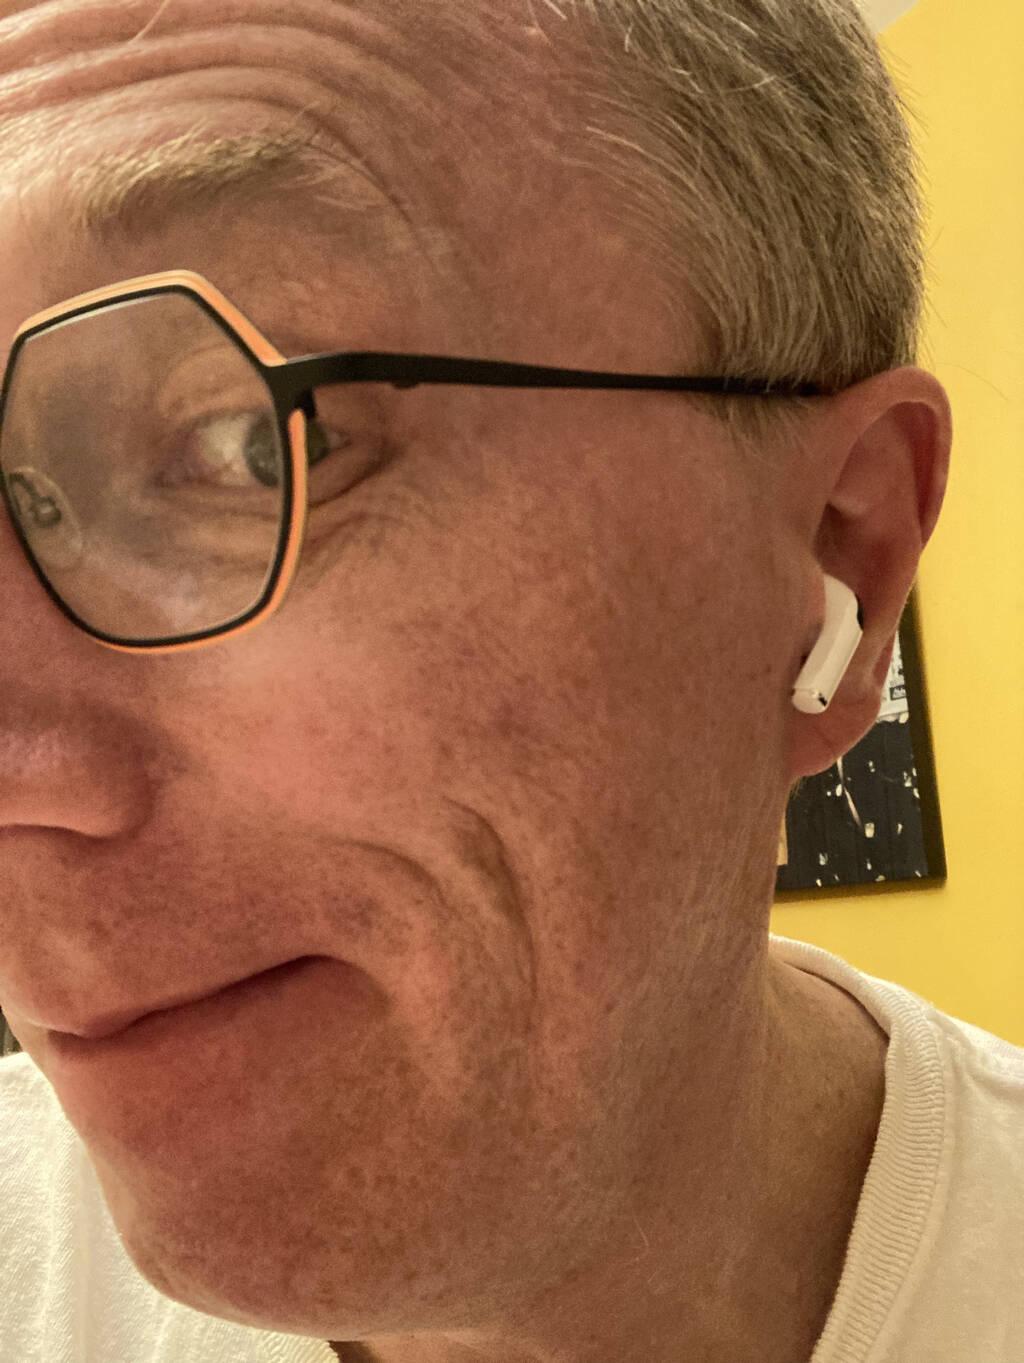 Me, wearing an AirPod Pro in my ear.